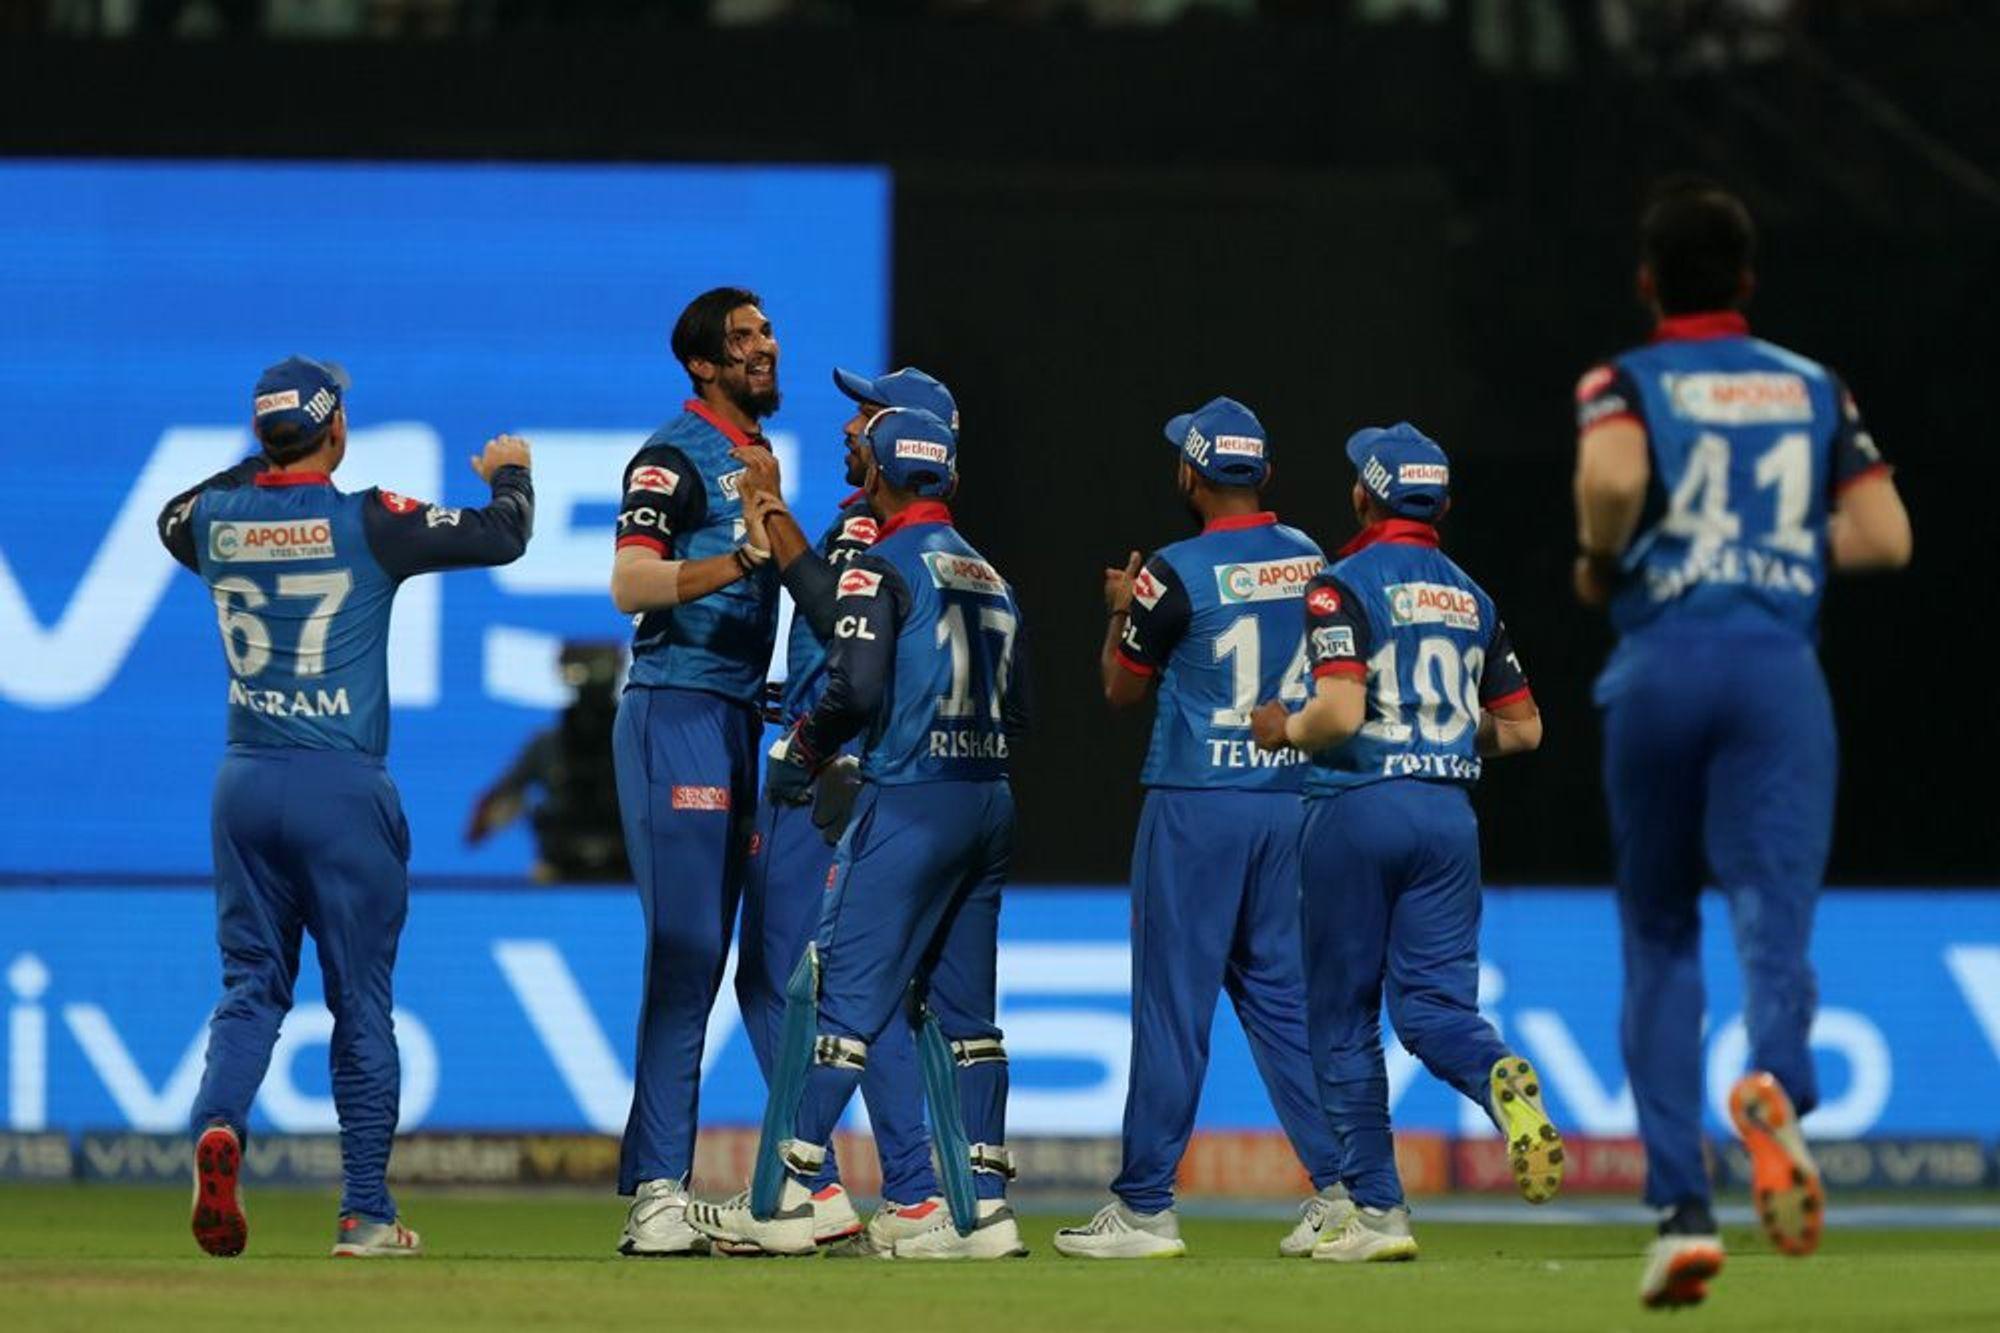 DDvsRCB: दिल्ली से मिली पिछली हार का बदला लेने के लिए मैदान पर उतरेगी विराट एंड कंपनी, दोनों टीमों के यह 11 खिलाड़ी बना सकते हैं अंतिम एकदाश में अपना स्थान 3